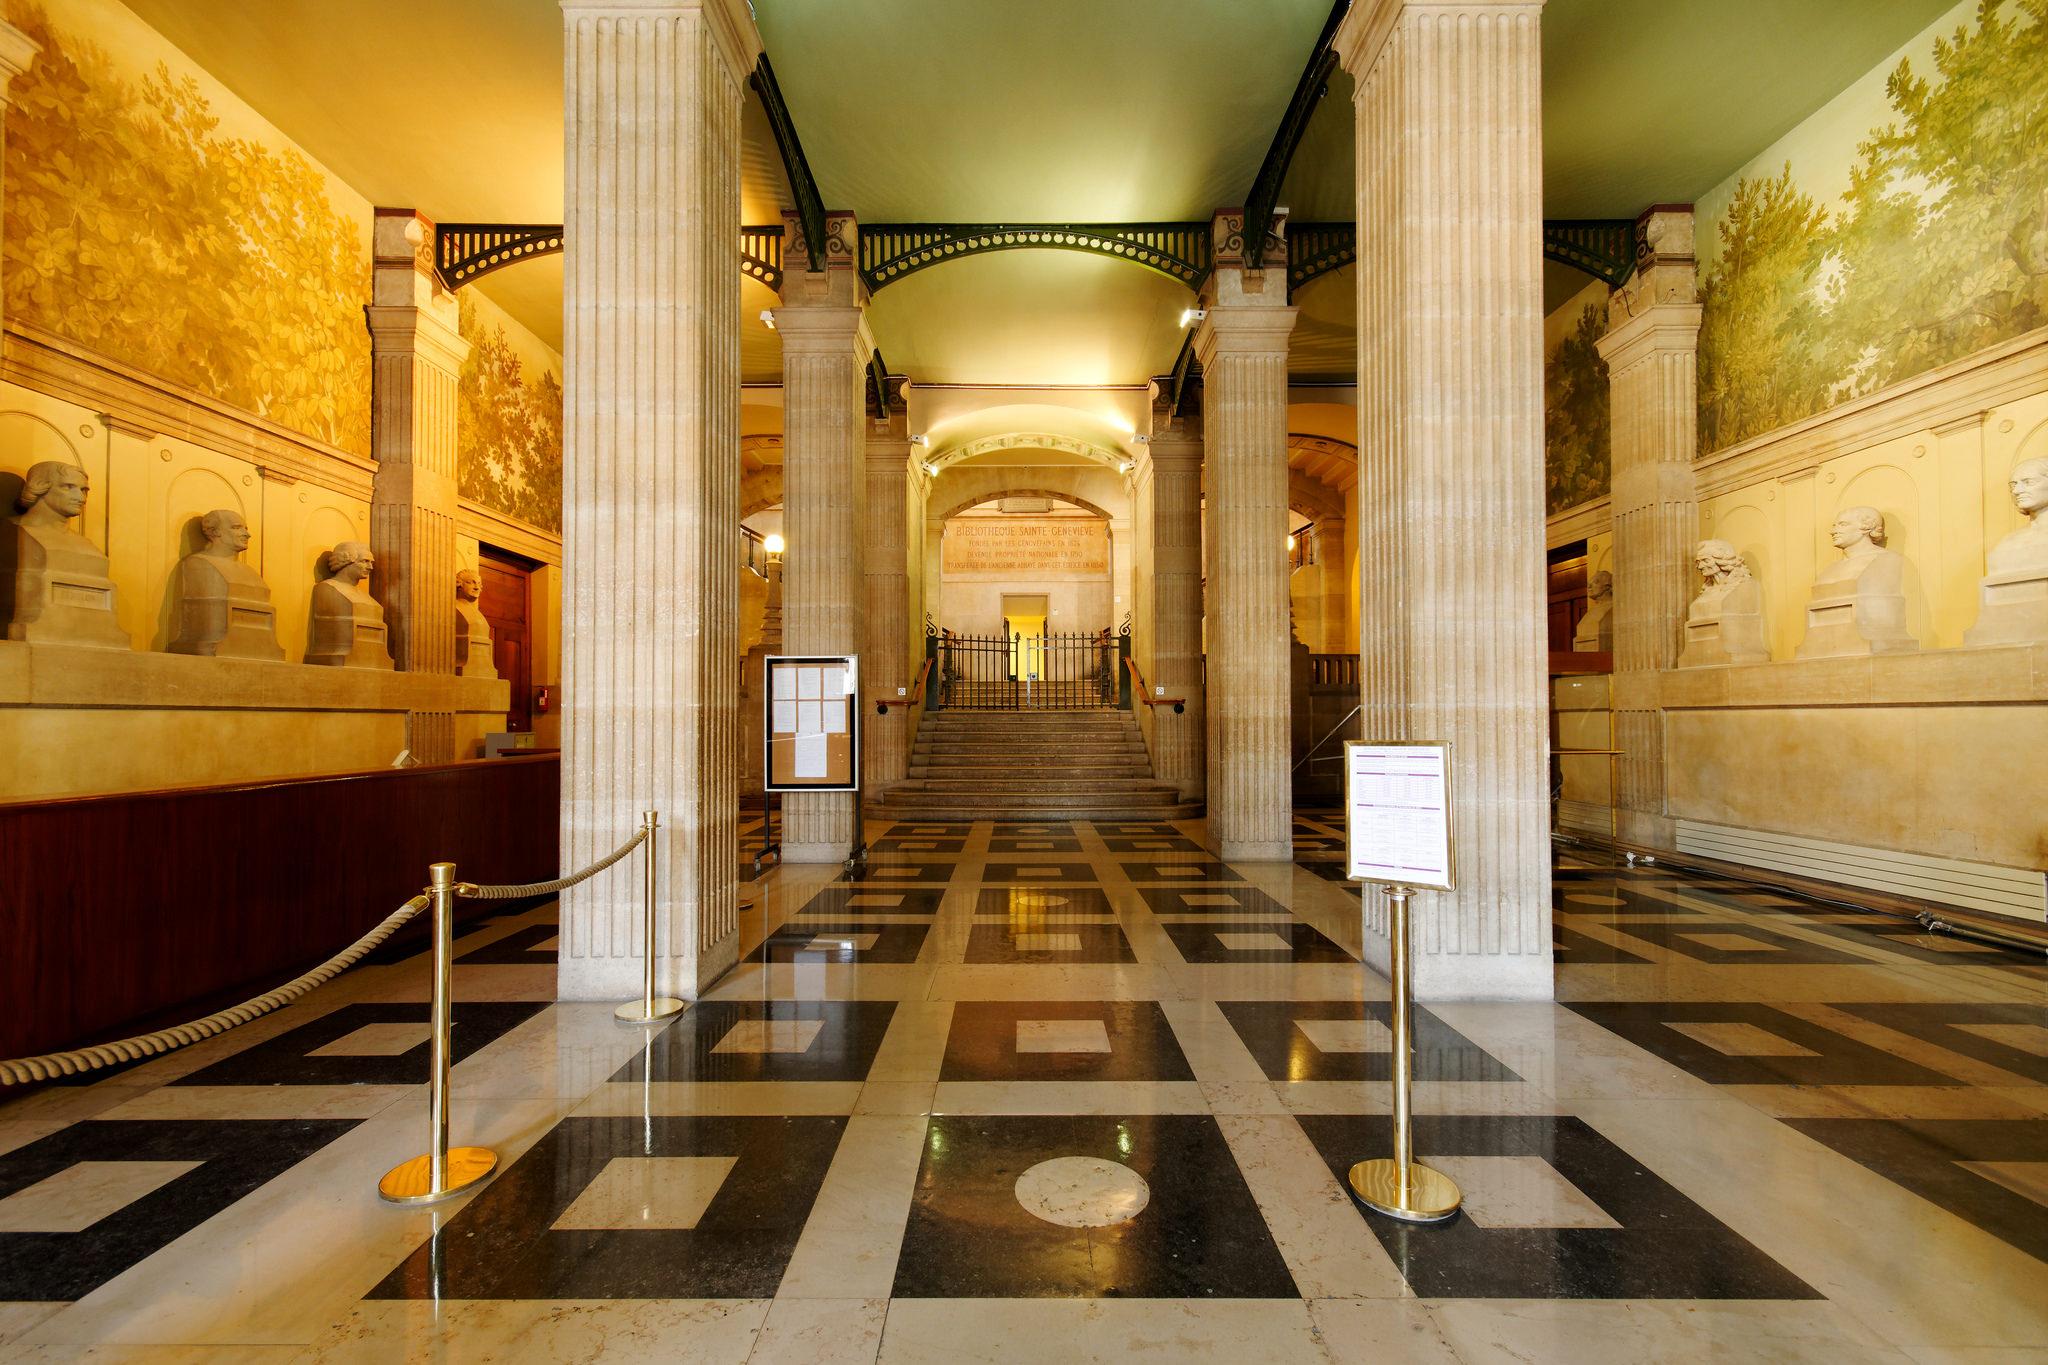 Biblioteca de Santa Genoveva   Wikimedia